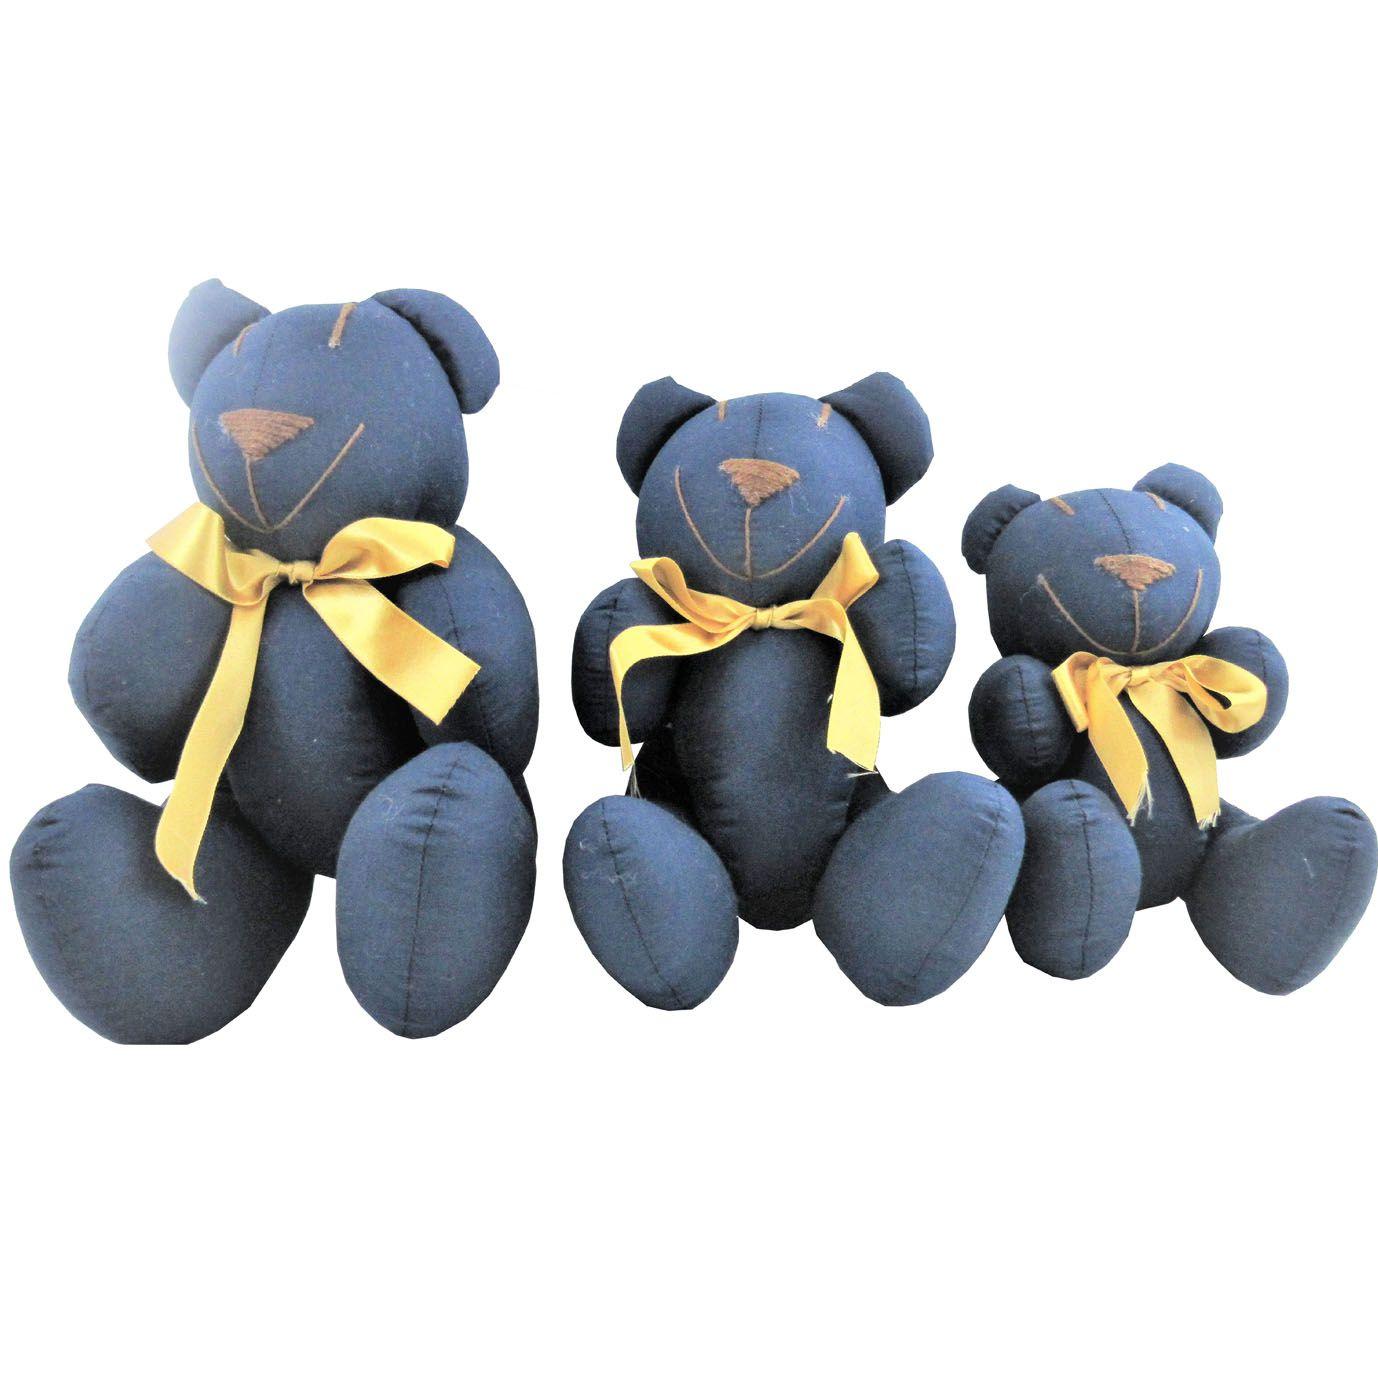 Trio de Urso Articulado - Tecido Menino